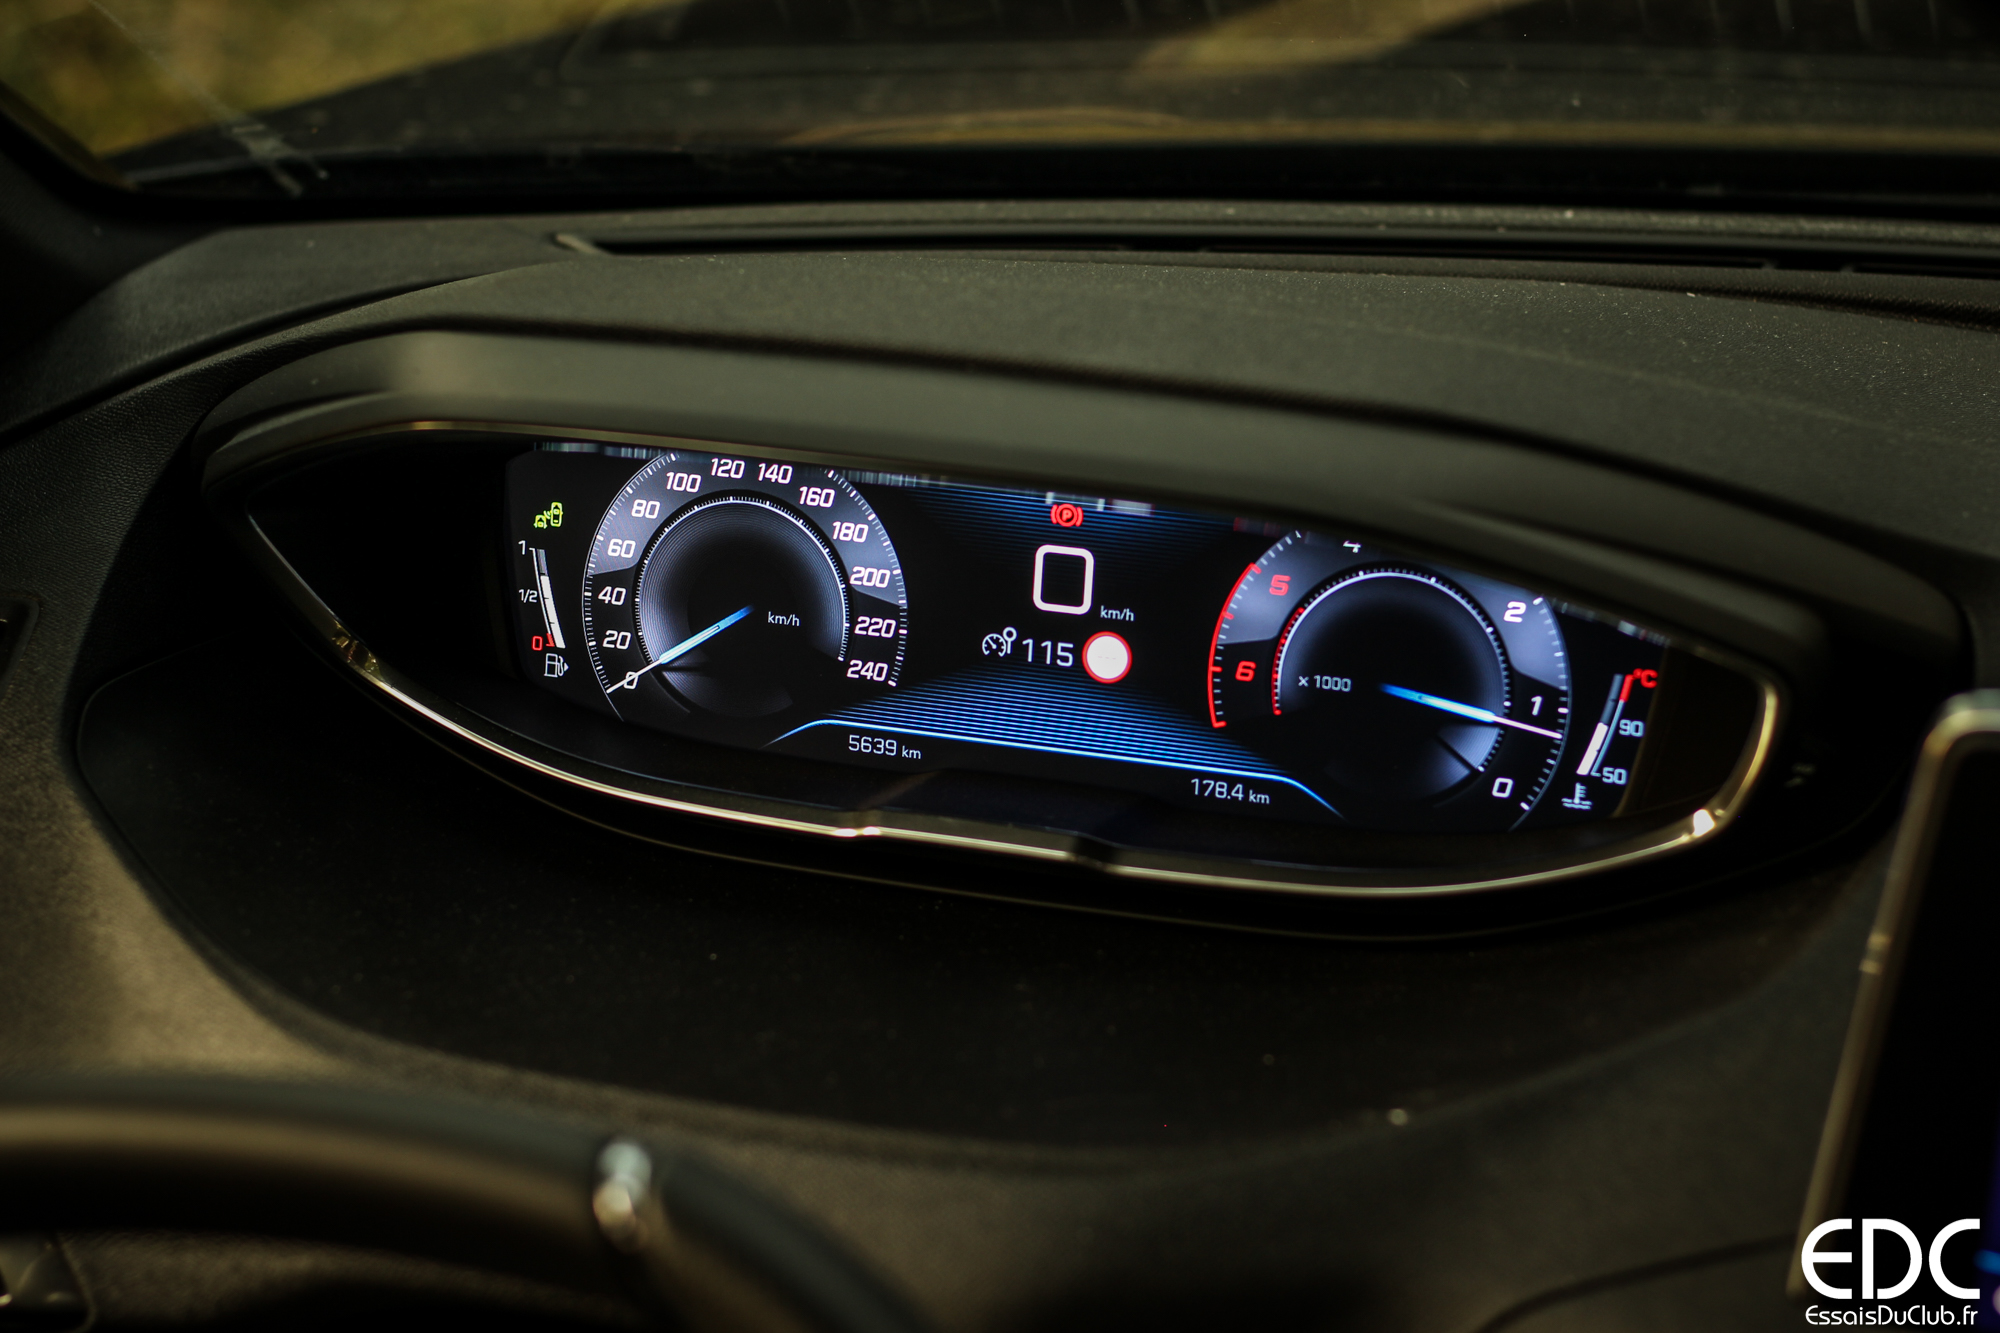 Essai Peugeot 5008 Gt Un 14 Juillet En Voiture Presidentielle Essais Du Club